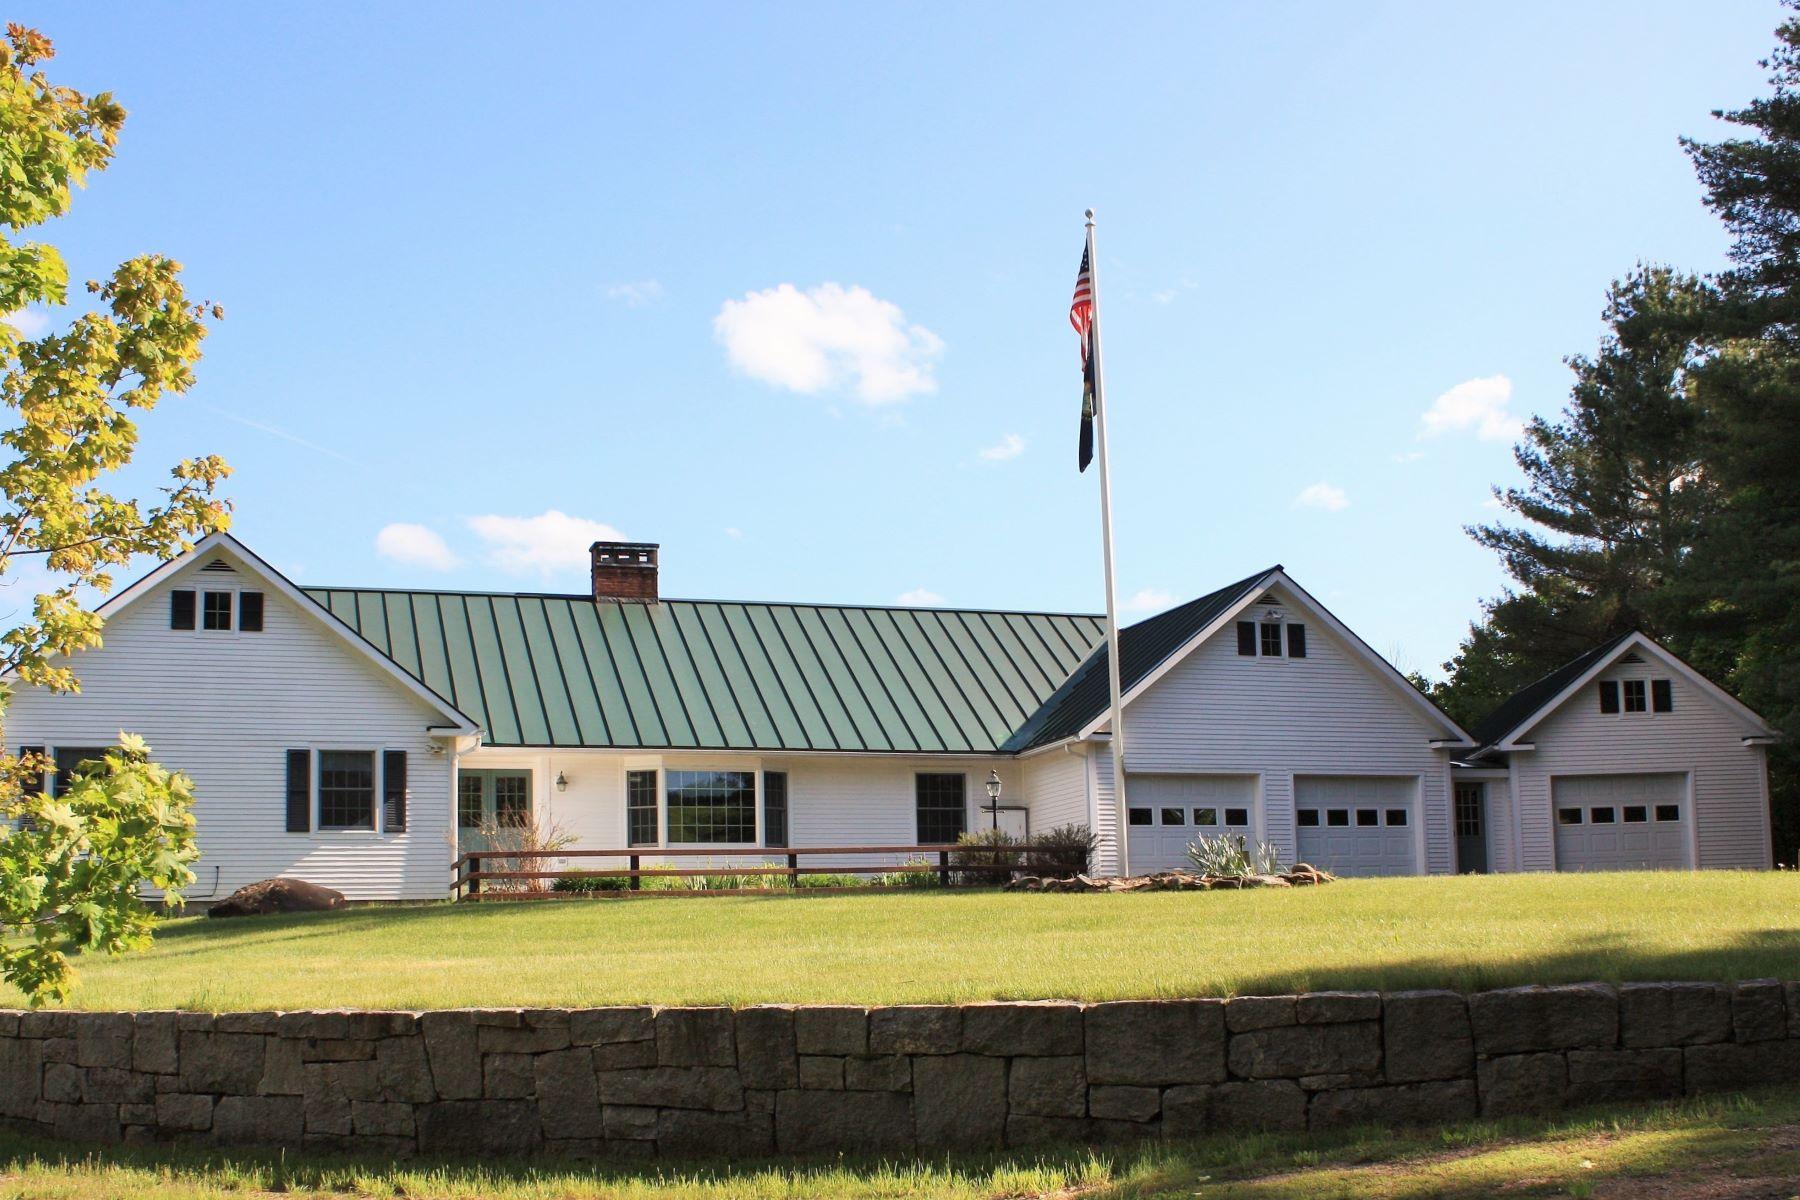 Villa per Vendita alle ore 2199 Trestle Rd, Danville Danville, Vermont, 05828 Stati Uniti